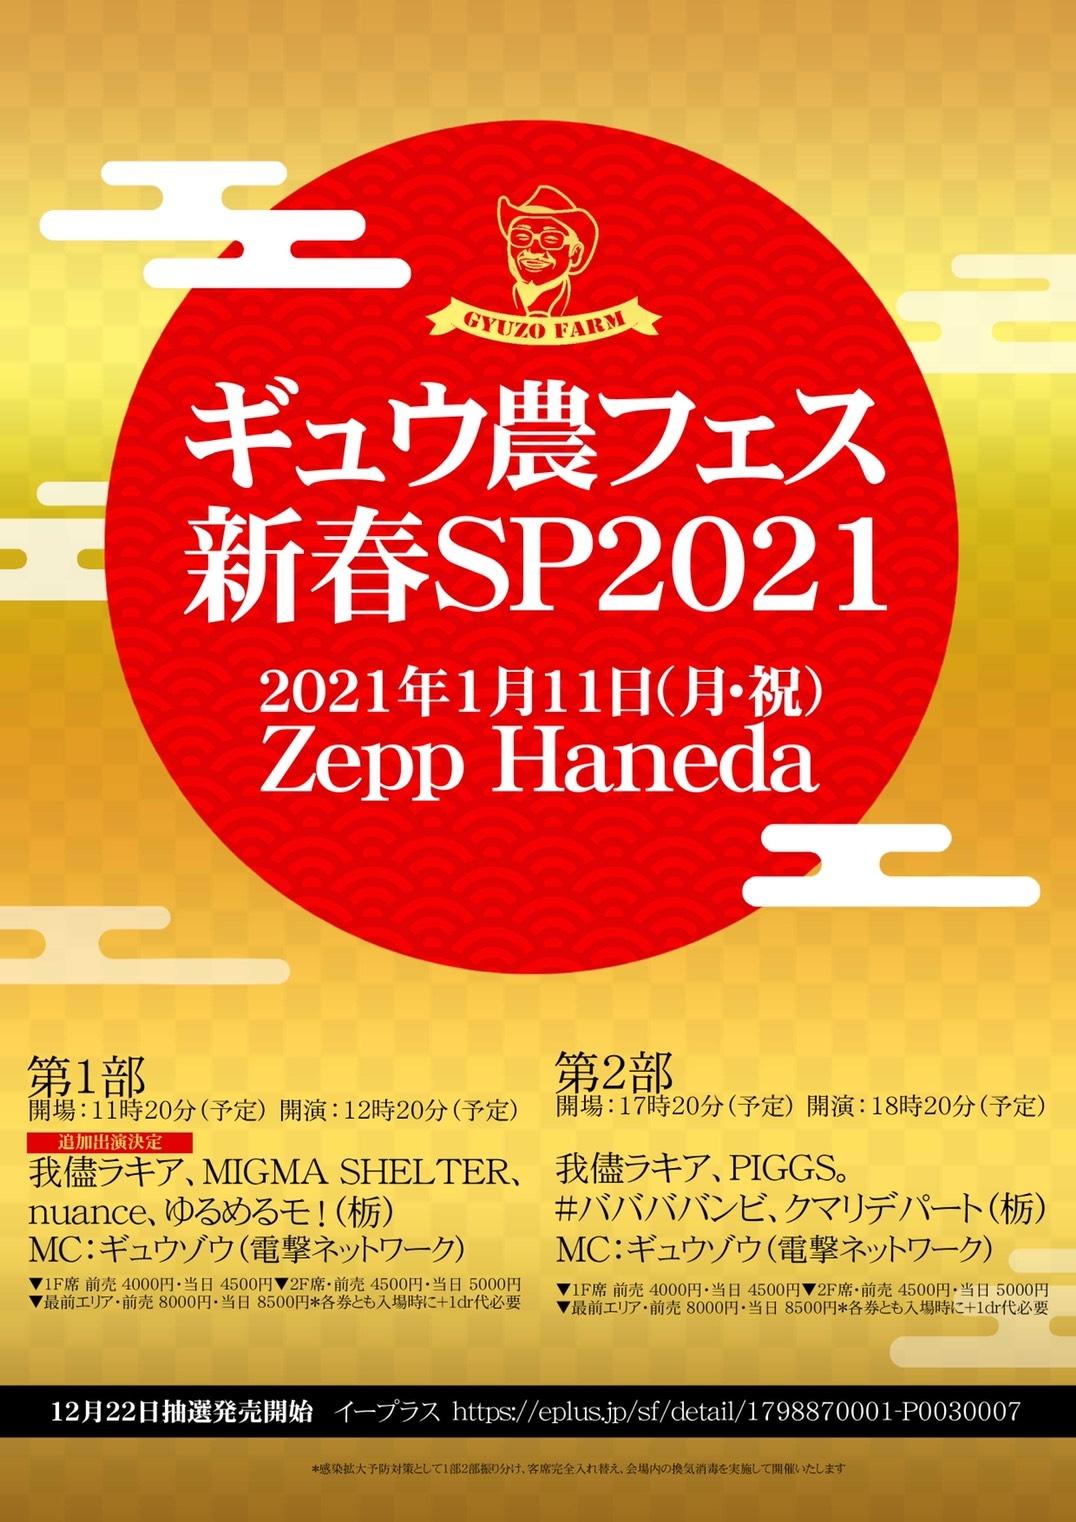 ギュウ農フェス新春SP2021